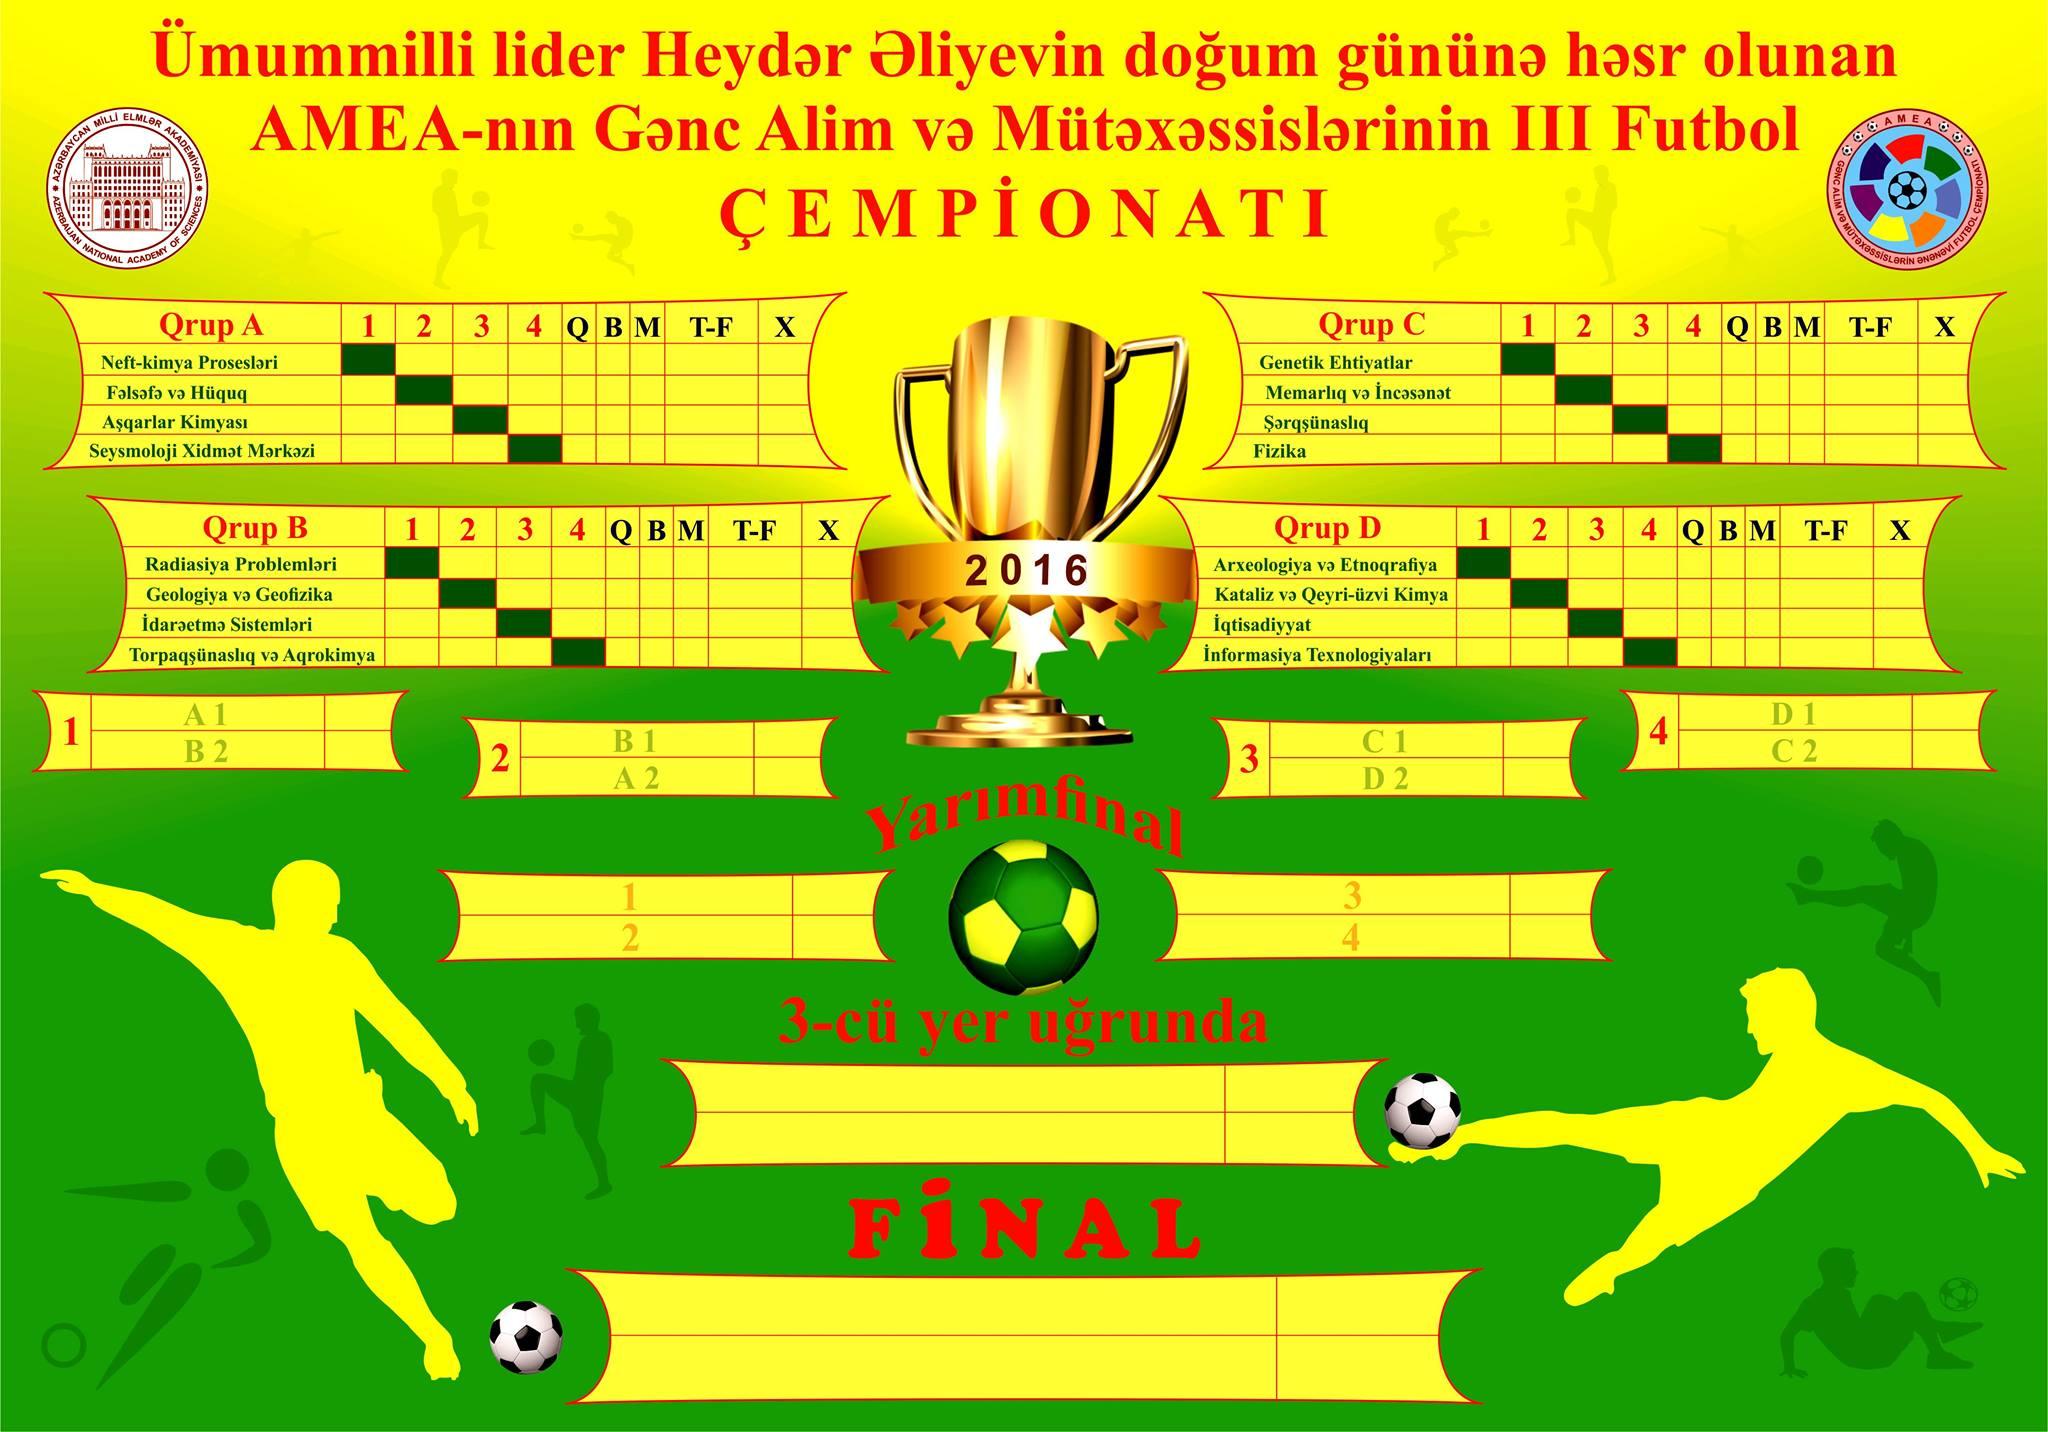 Gənc Alim və Mütəxəssislərin III Futbol Çempionatında növbəti qrup oyunları keçrilib